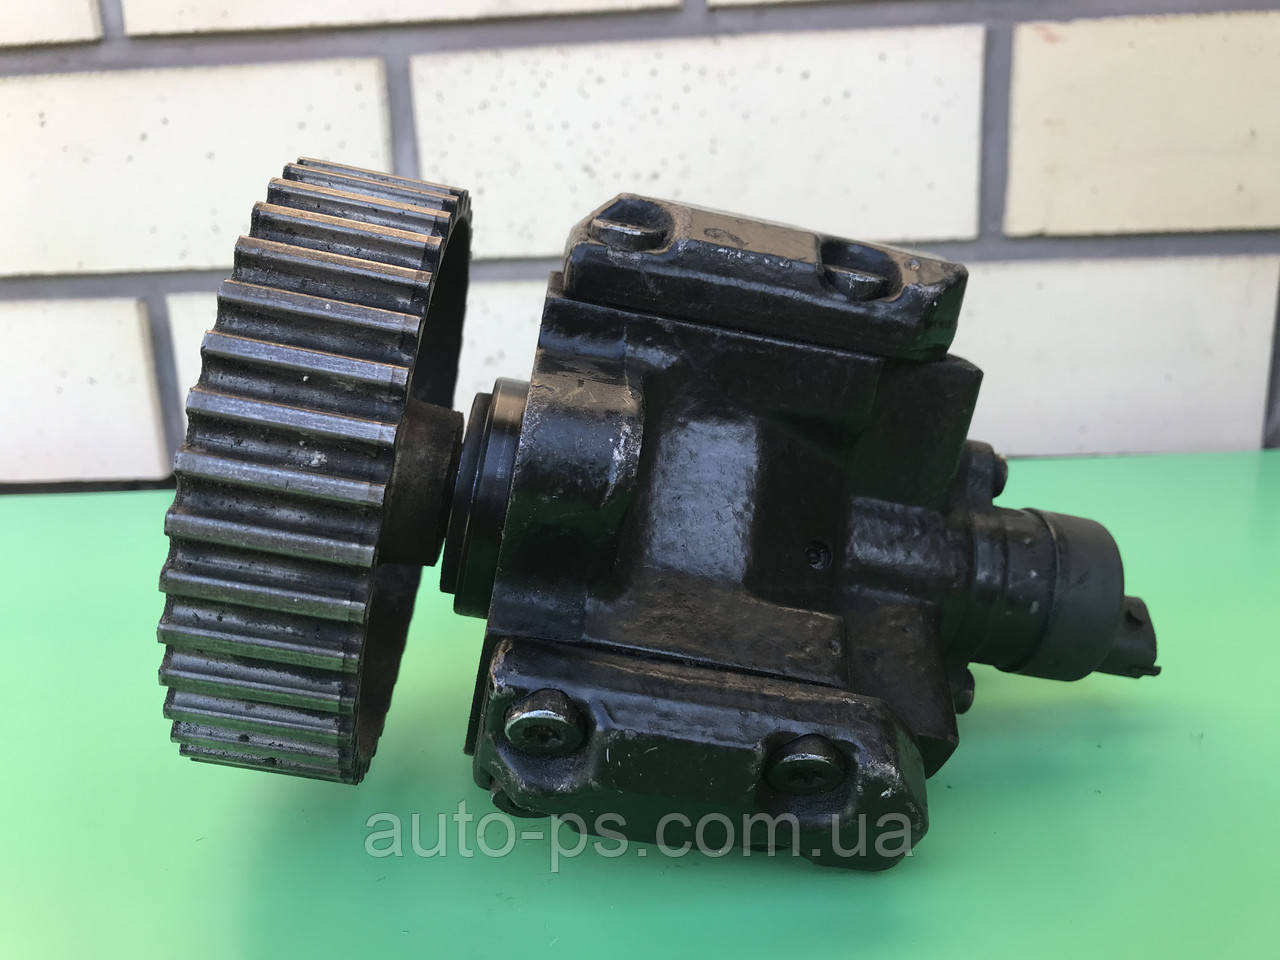 Топливный насос высокого давления (ТНВД) Fiat Brava 1.9JTD 1998-2001 год.